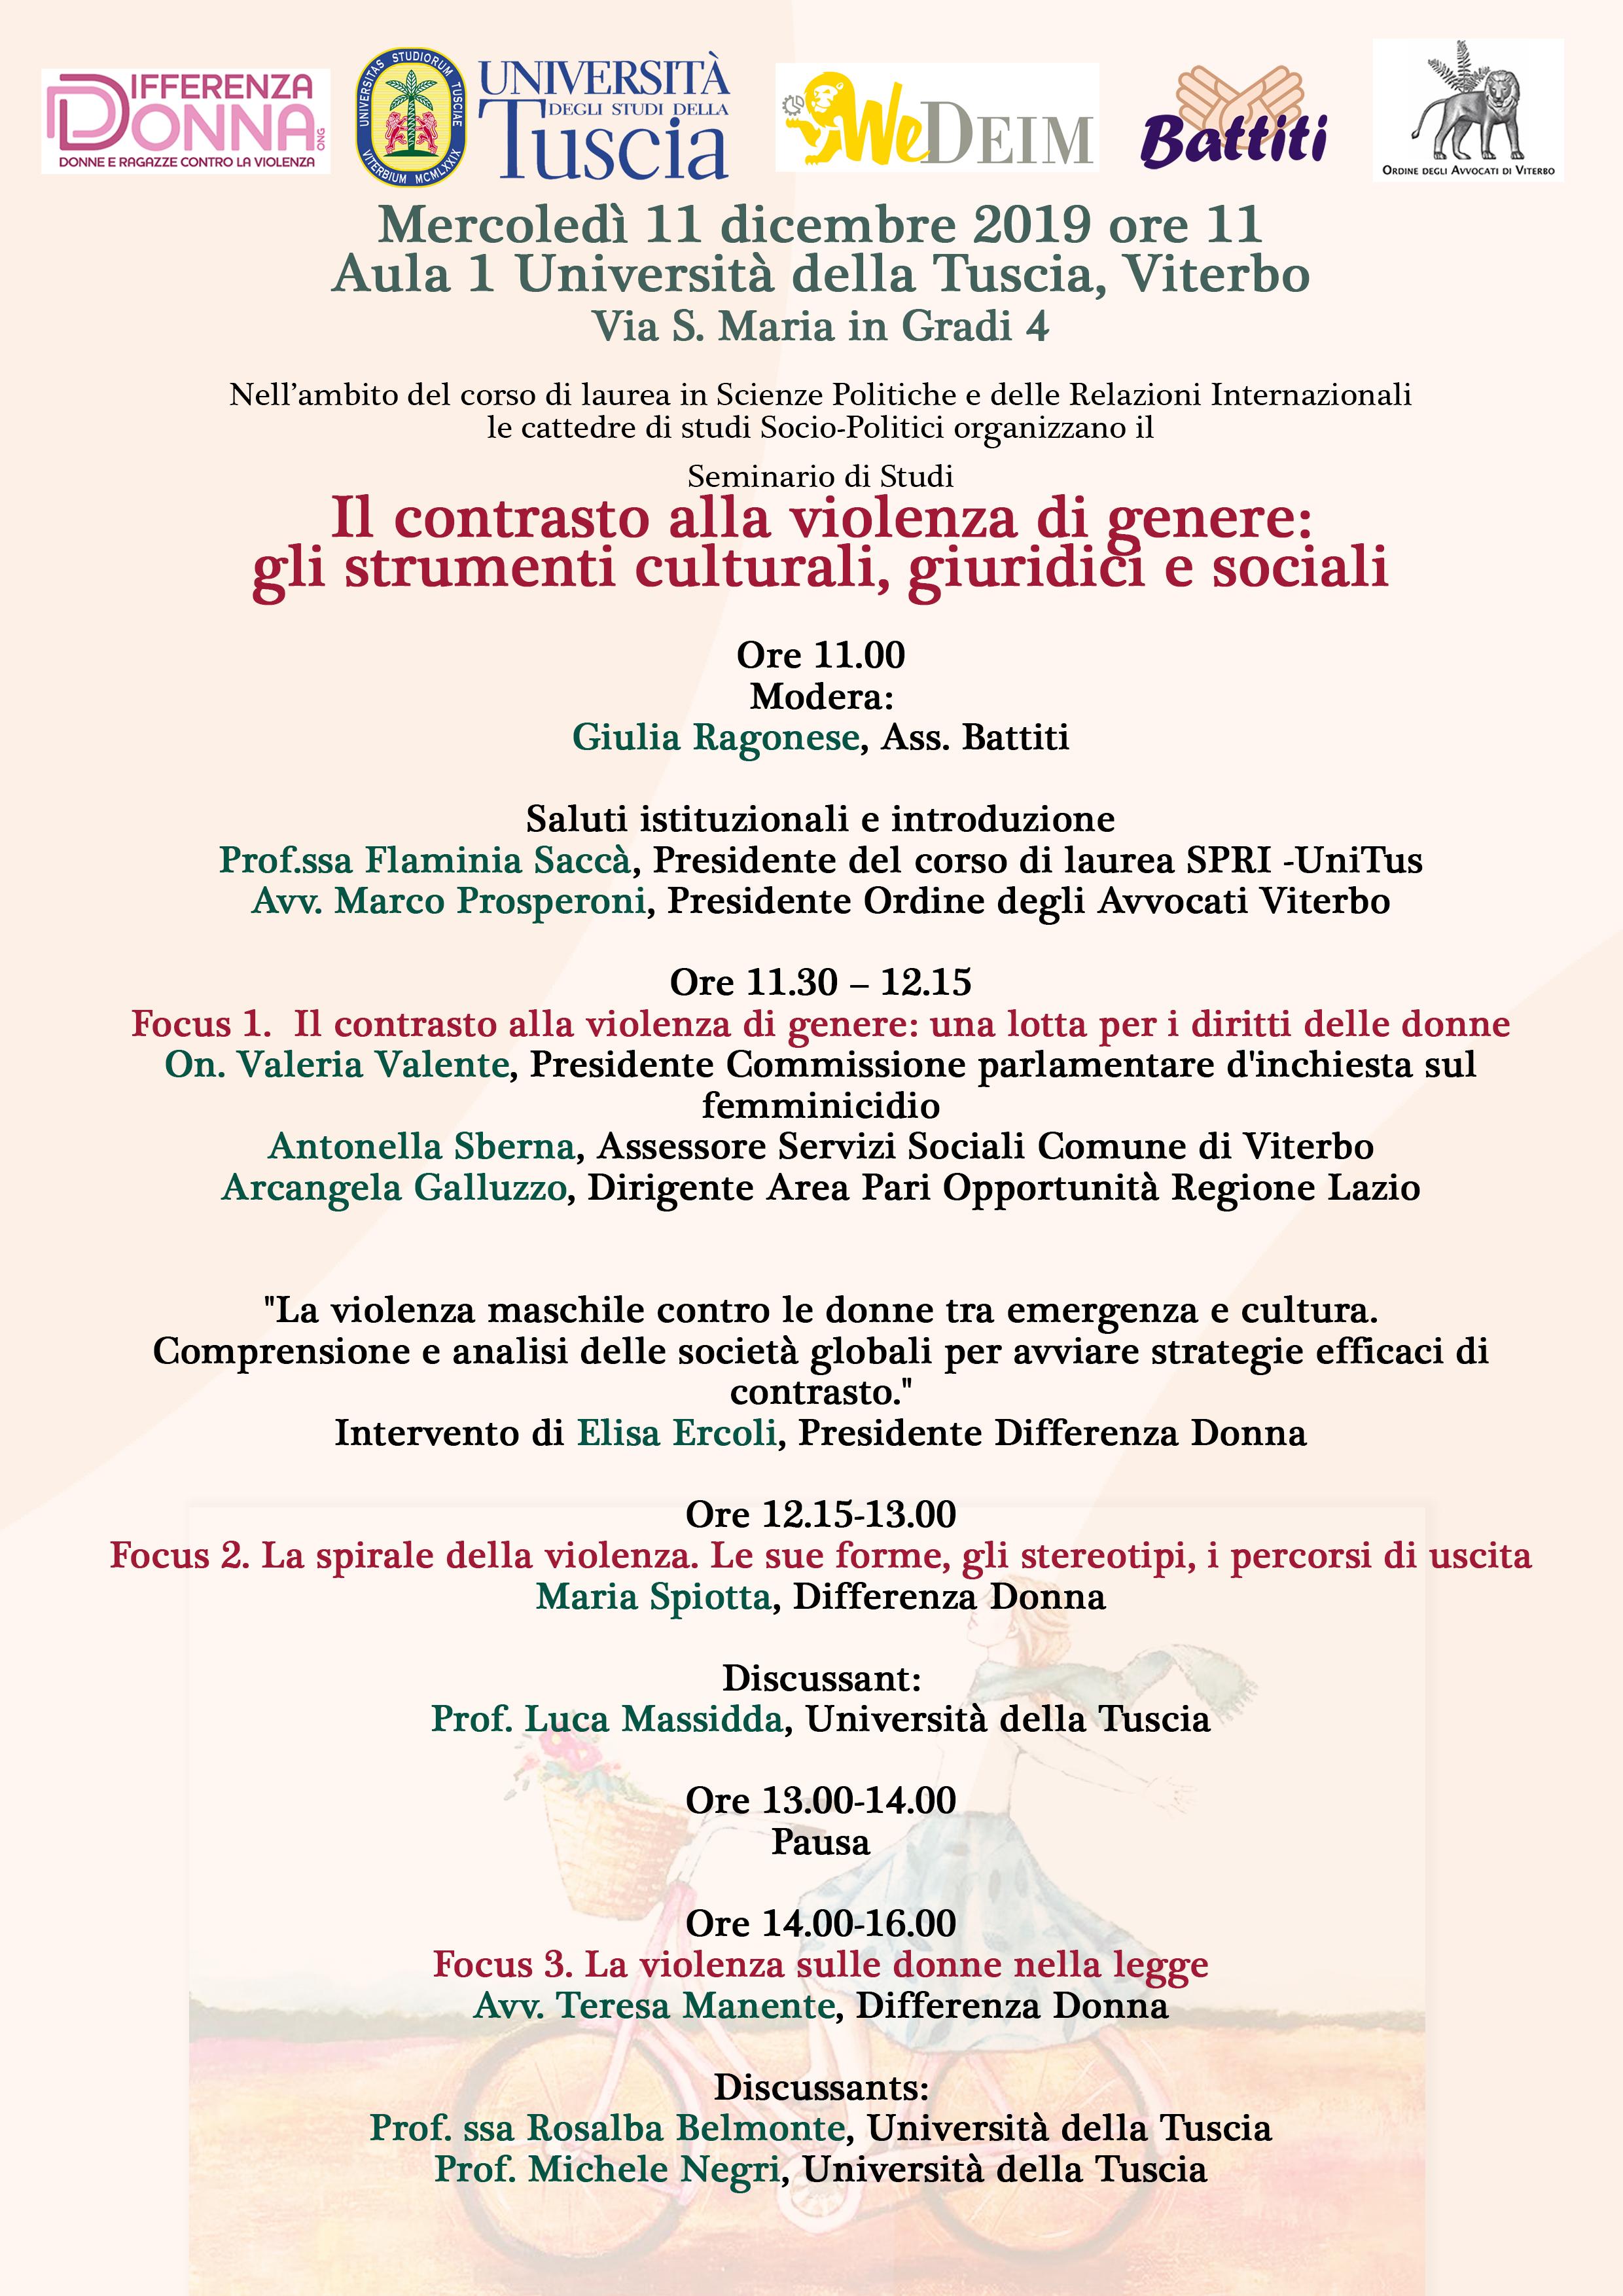 MERCOLEDI 11 DICEMBRE ALL'UNITUS IL CONVEGNO IL CONTRASTO ALLA VIOLENZA DI GENERE